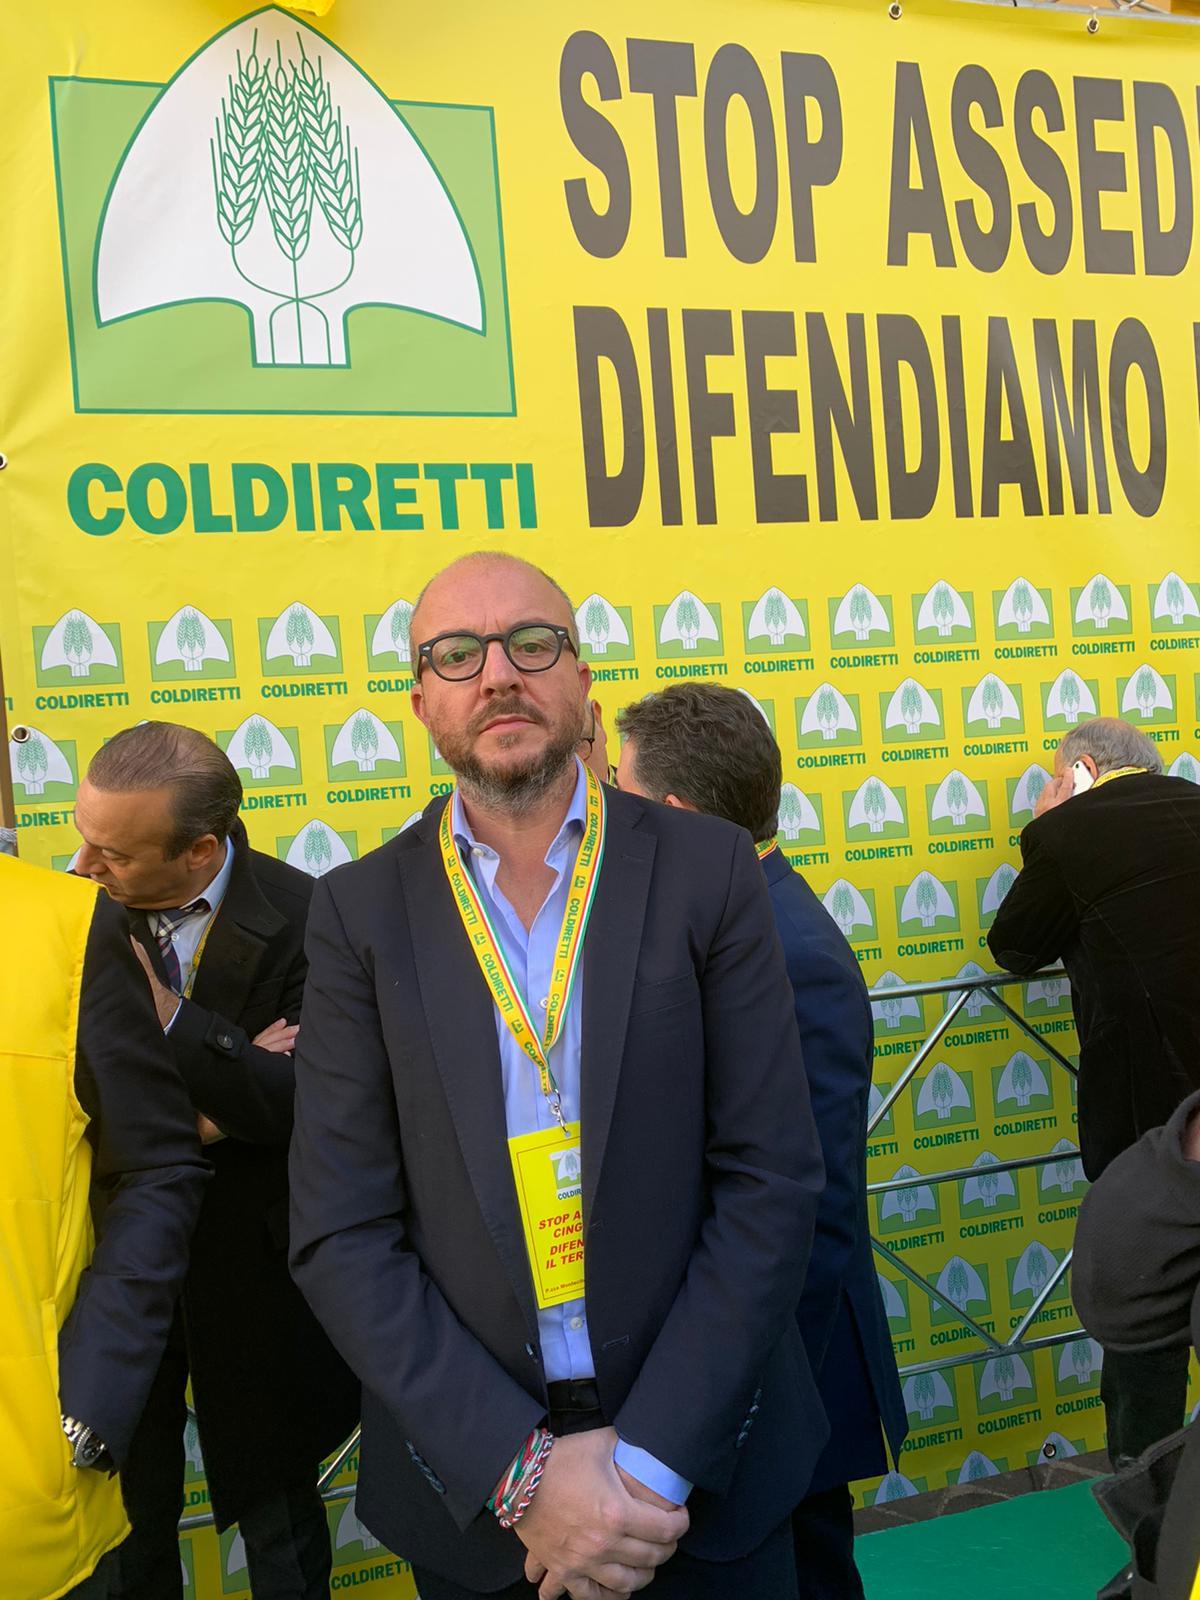 """Viterbo-Roma, manifestazione a Piazza Montecitorio, Rotelli (Fdi): """"In piazza con la Coldiretti per difendere il territorio dall'""""invasione di cinghiali"""""""